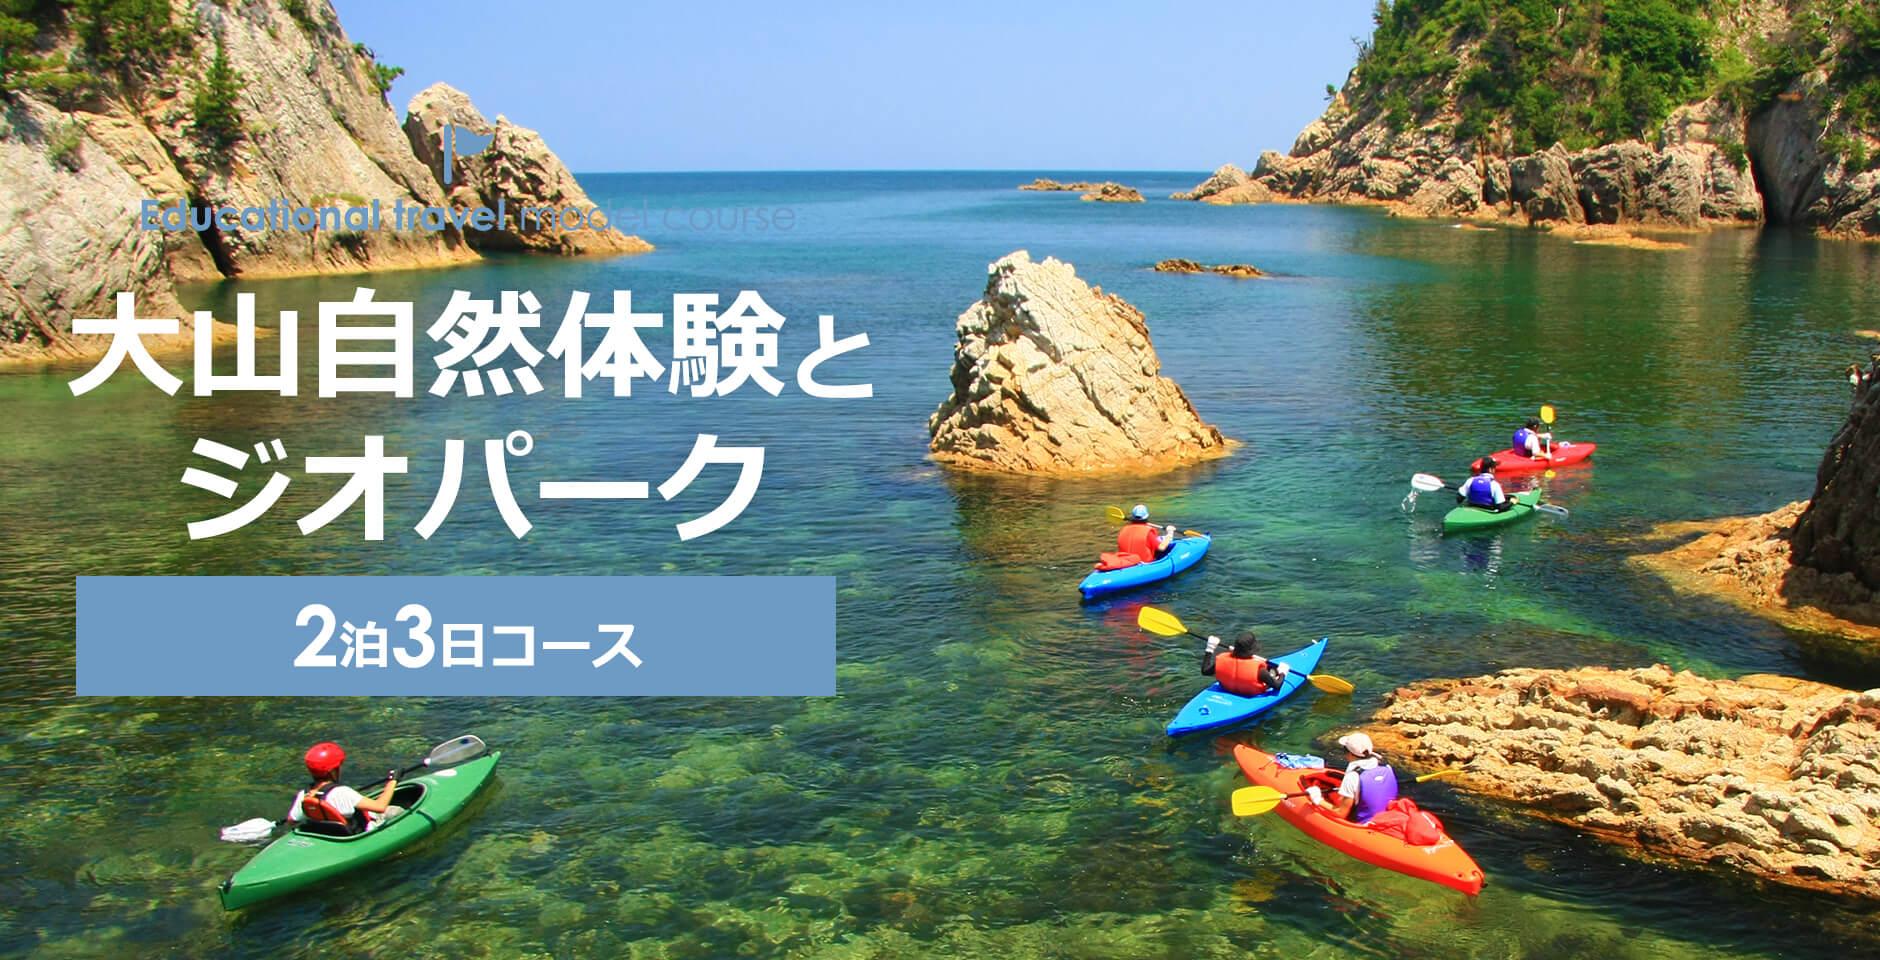 広島平和学習と鳥取砂丘体験